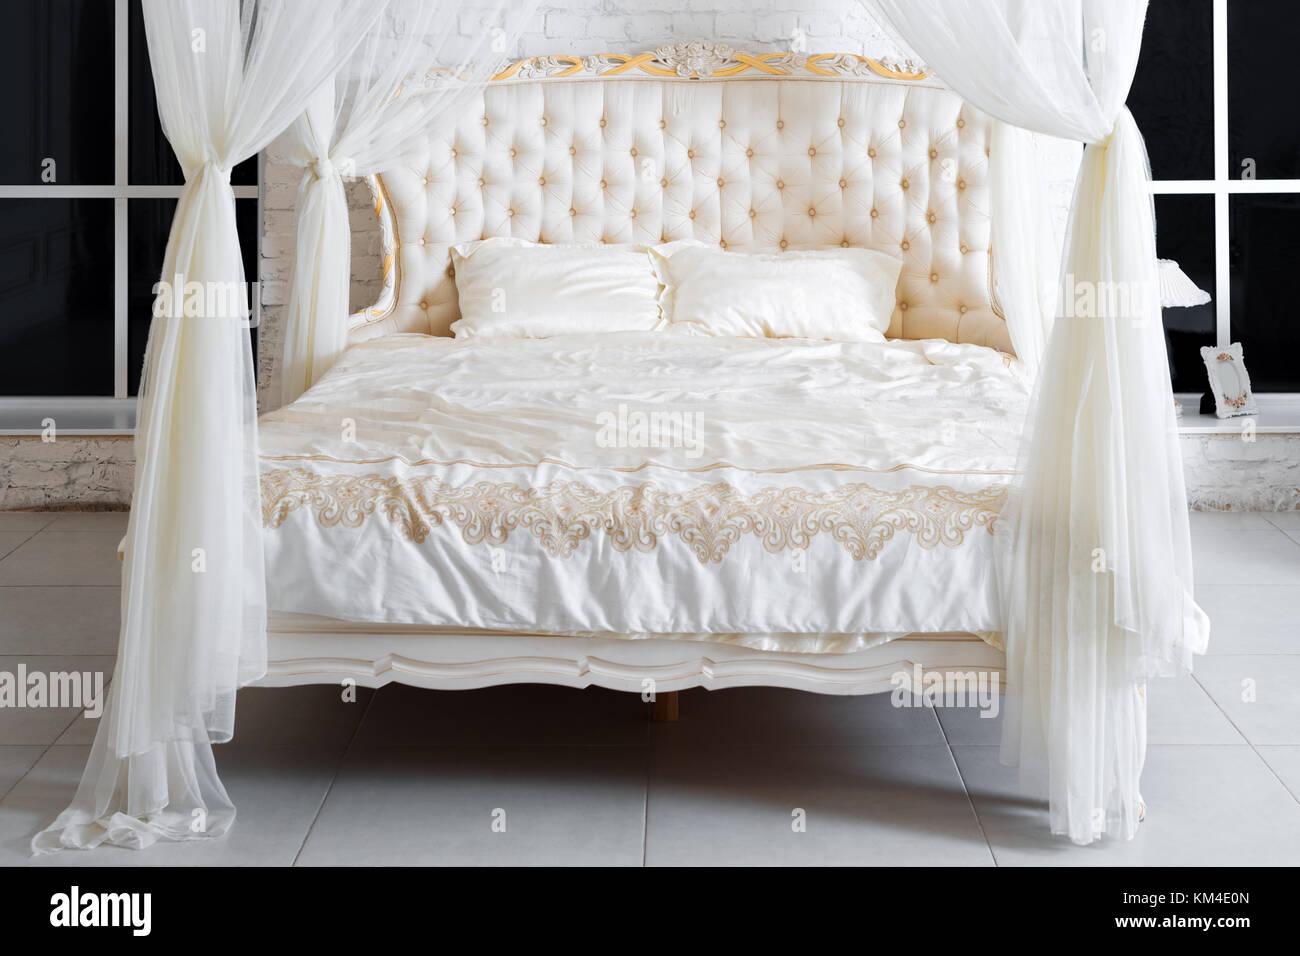 Schlafzimmer In Sanften Hellen Farben. Großes, Bequemes Himmelbett  Doppelbett In Eleganten Klassischen Schlafzimmer. Luxus Weiss Mit Gold  Interieur.